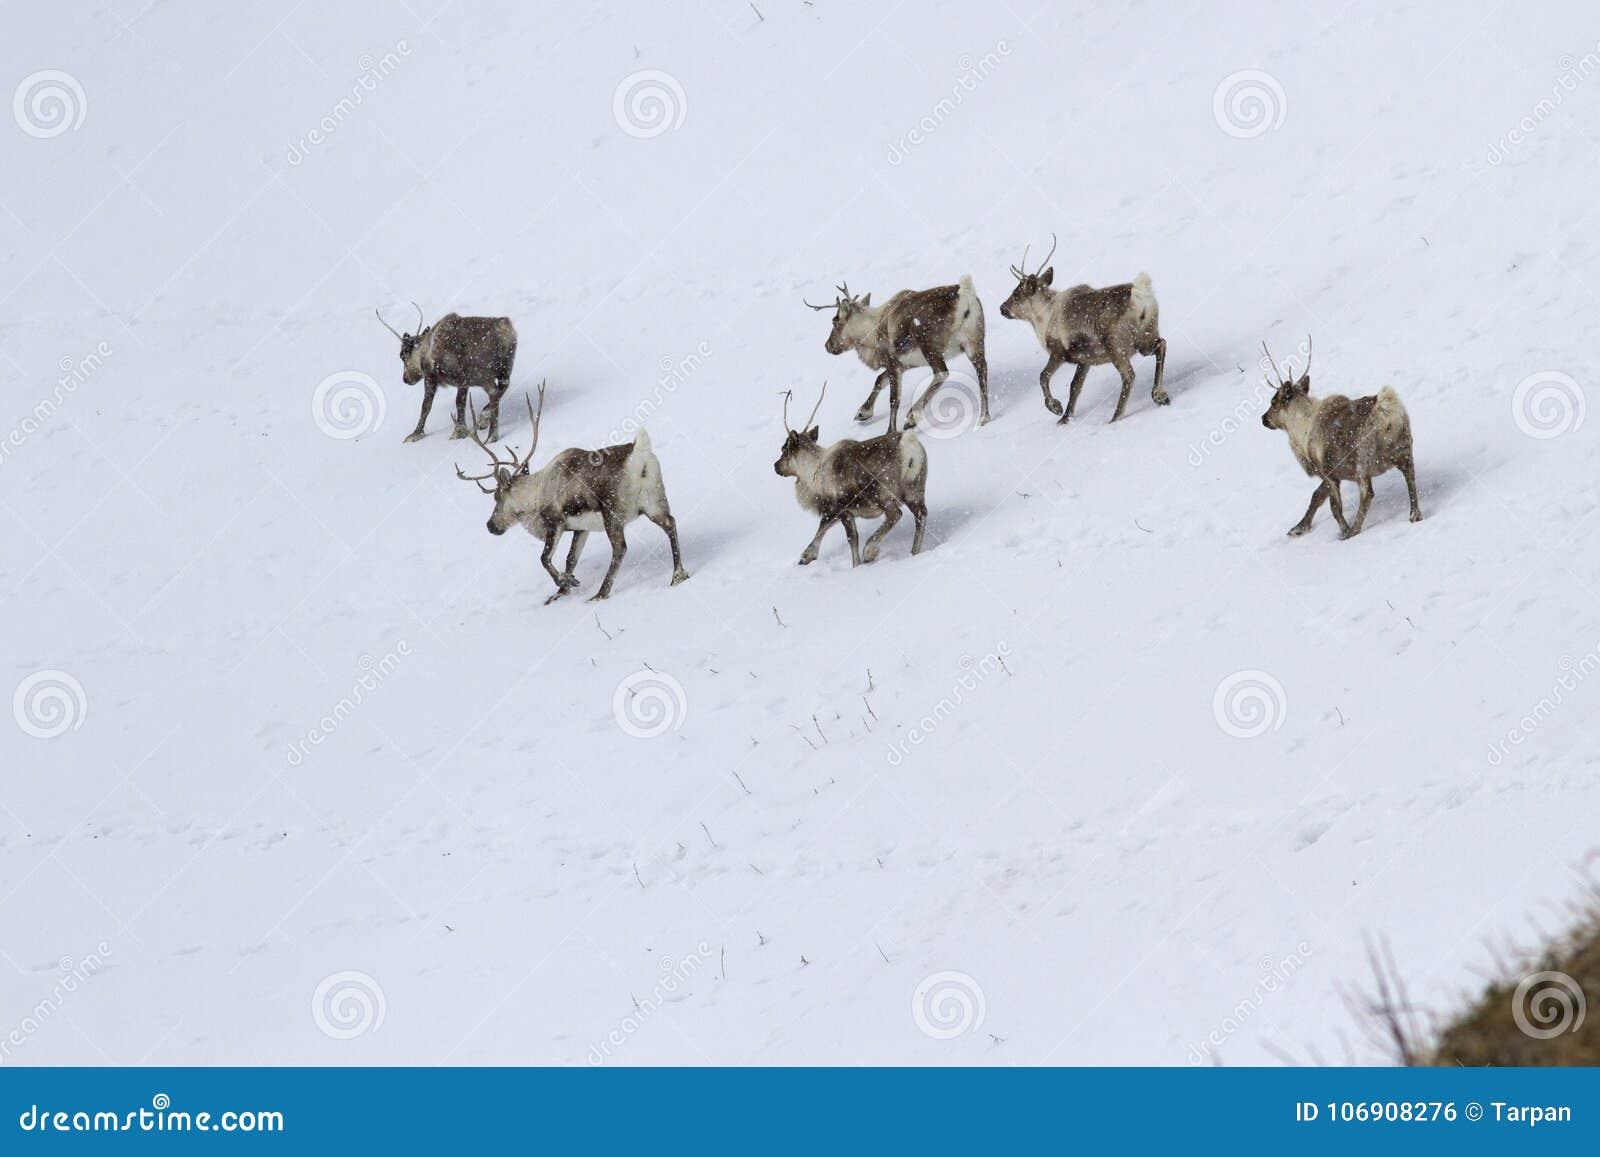 Stado Reindeerwalking wzdłuż skłonu śnieżysty wzgórze ja